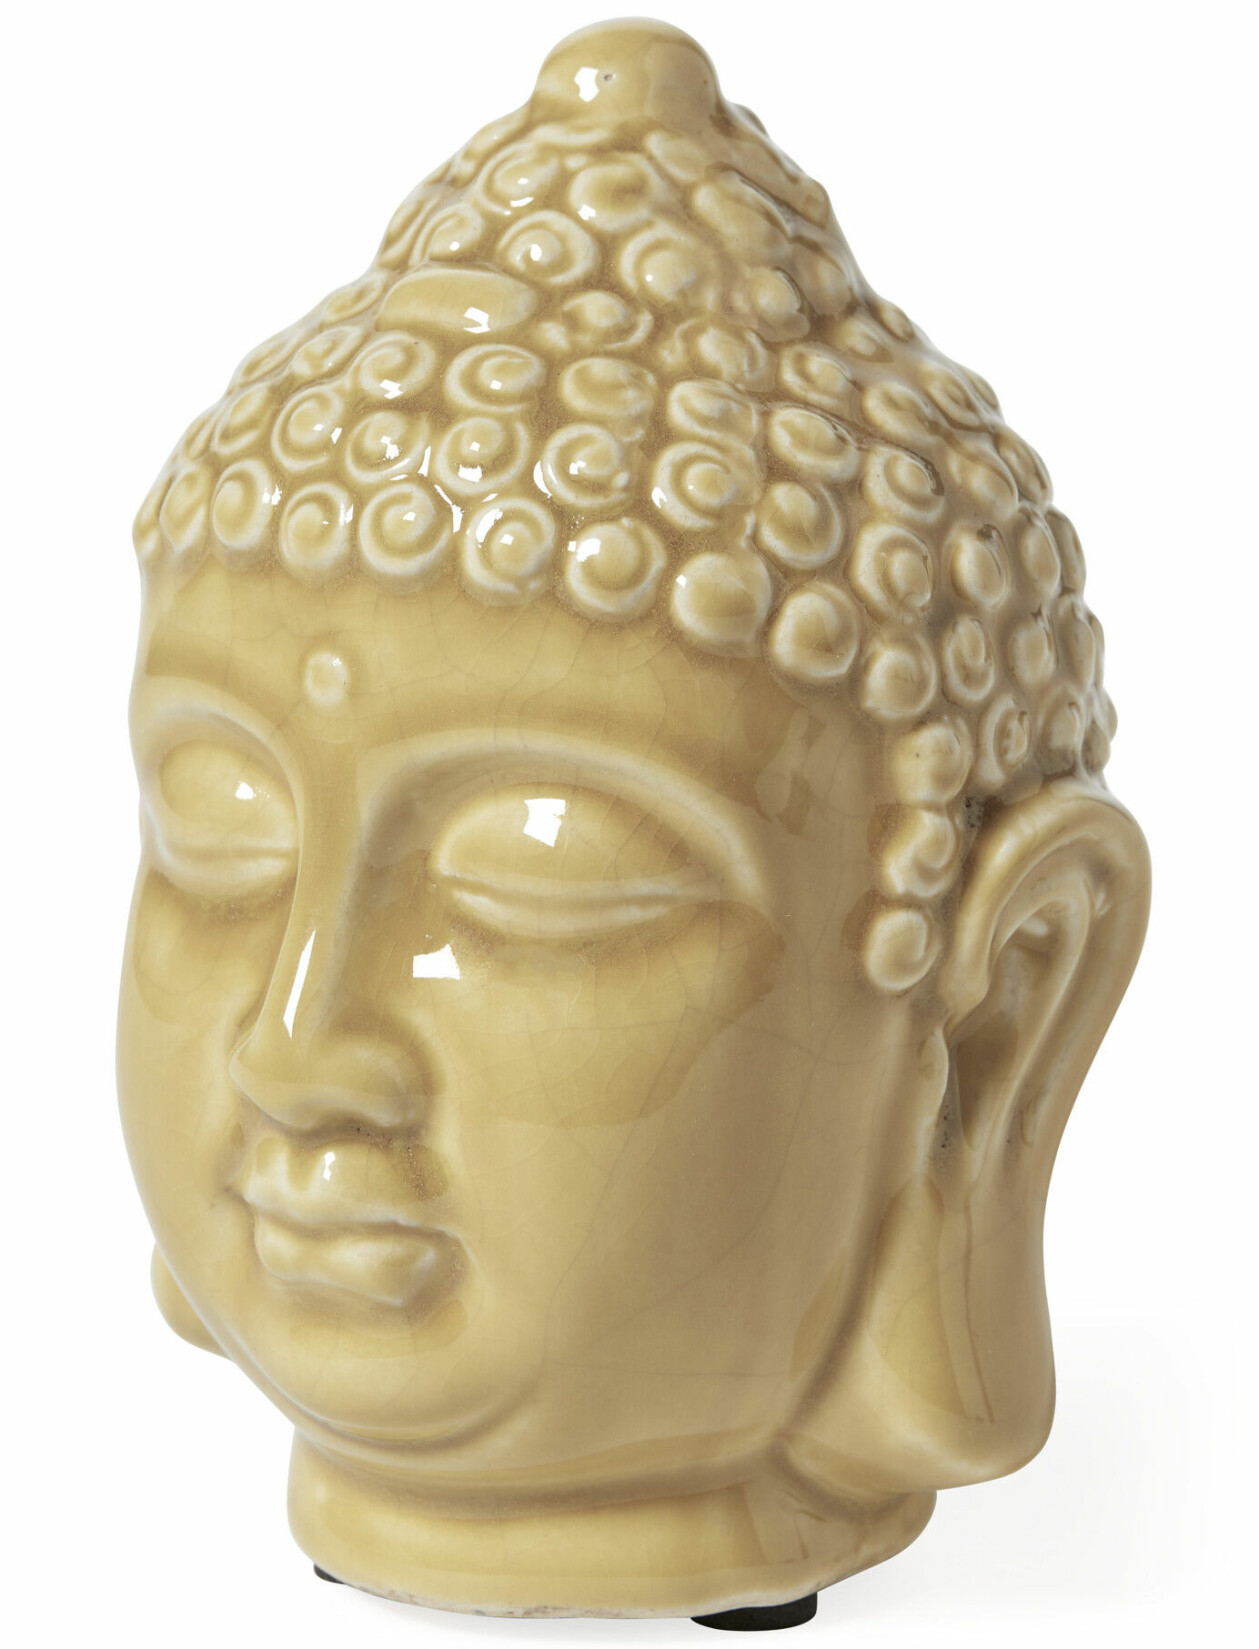 Sovande Buddha-huvud i gul keramik, från Mio